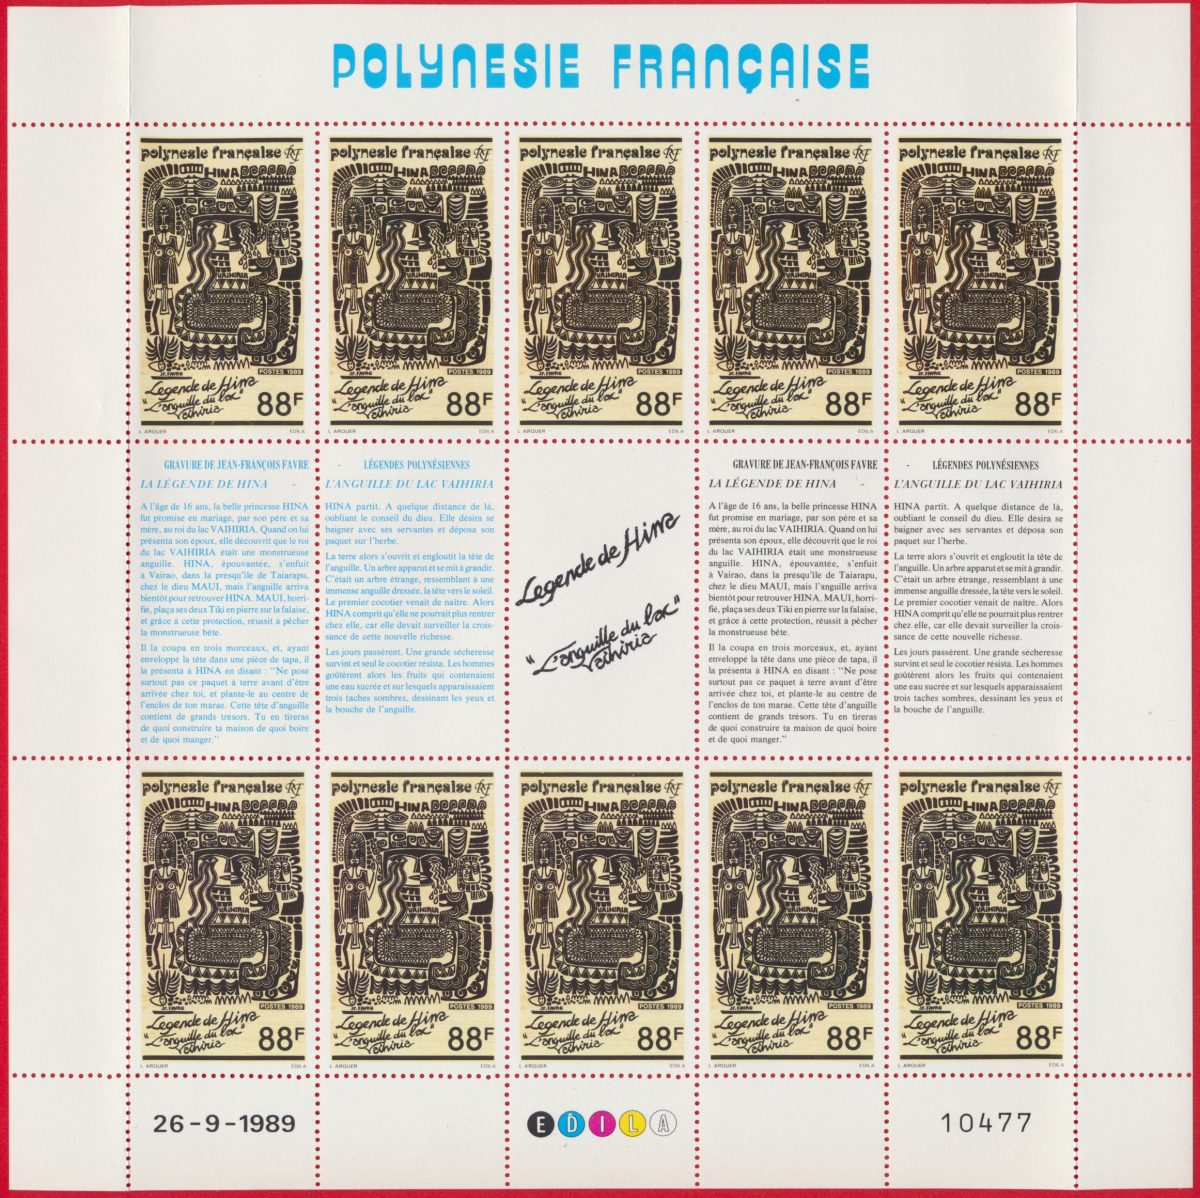 bloc-polynesie-francaise-26-9-1989-88-francs-legende-hima-anguille-lac